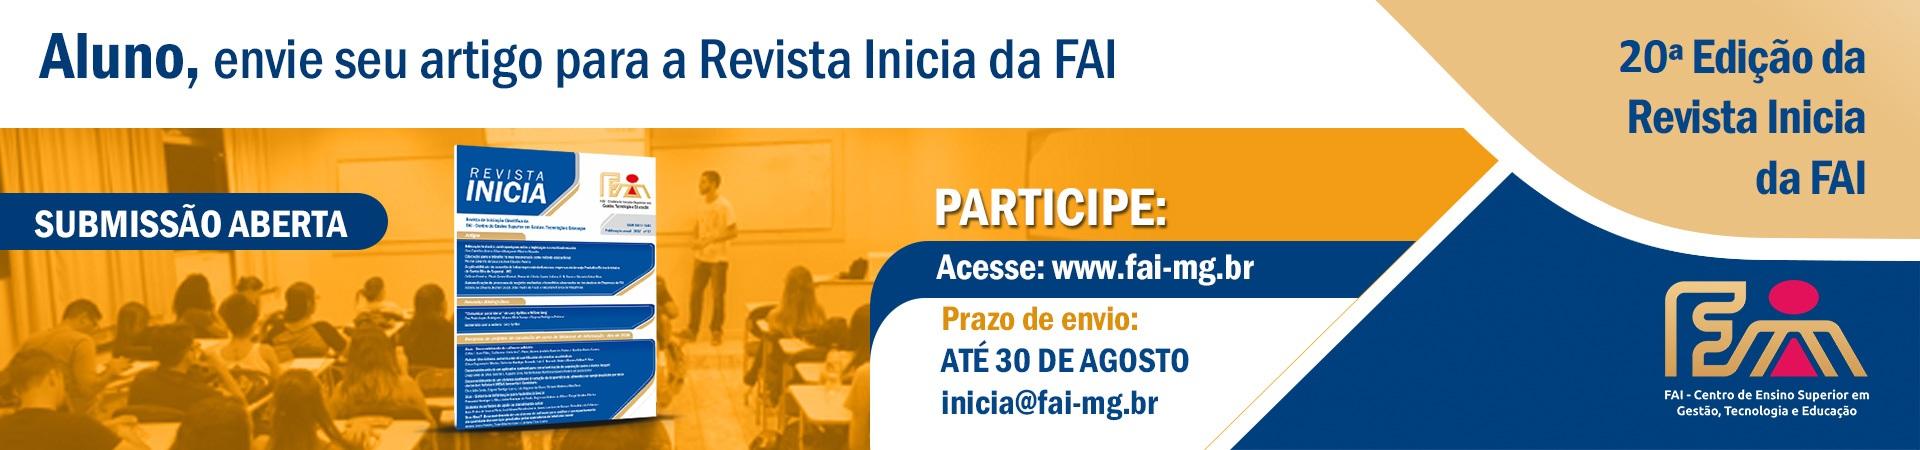 FAI-Revista-Inicia-2020-desktop